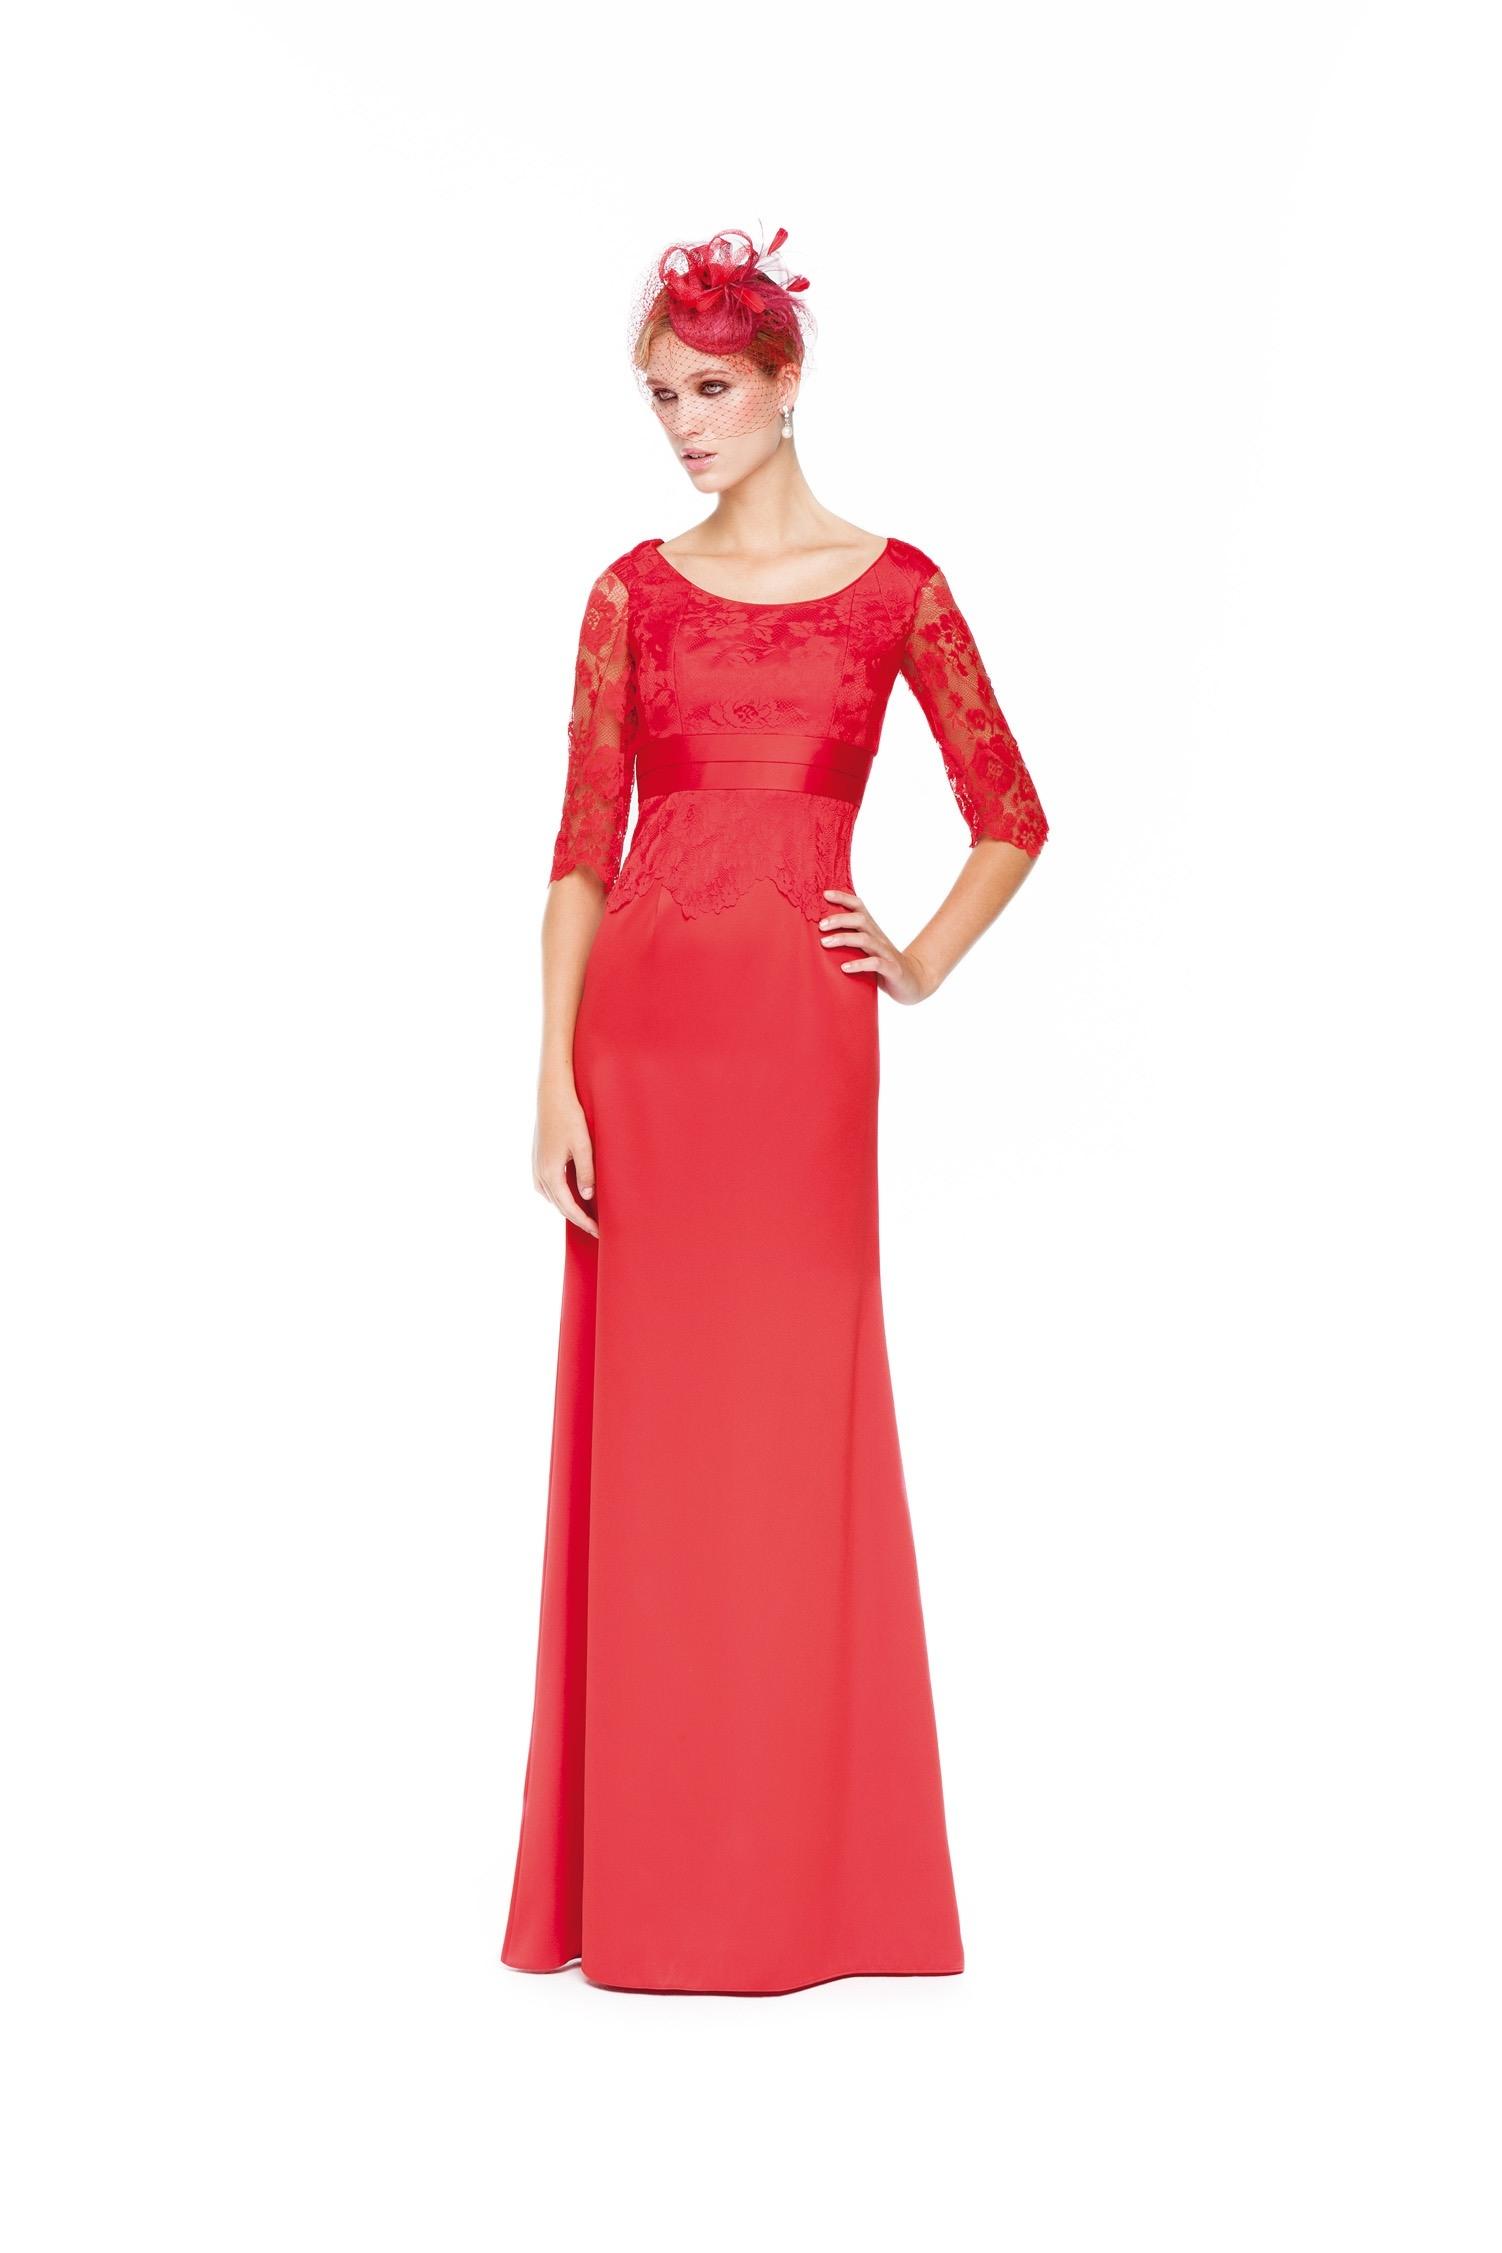 13 Perfekt Abendkleid Lang Taupe Boutique10 Schön Abendkleid Lang Taupe Stylish